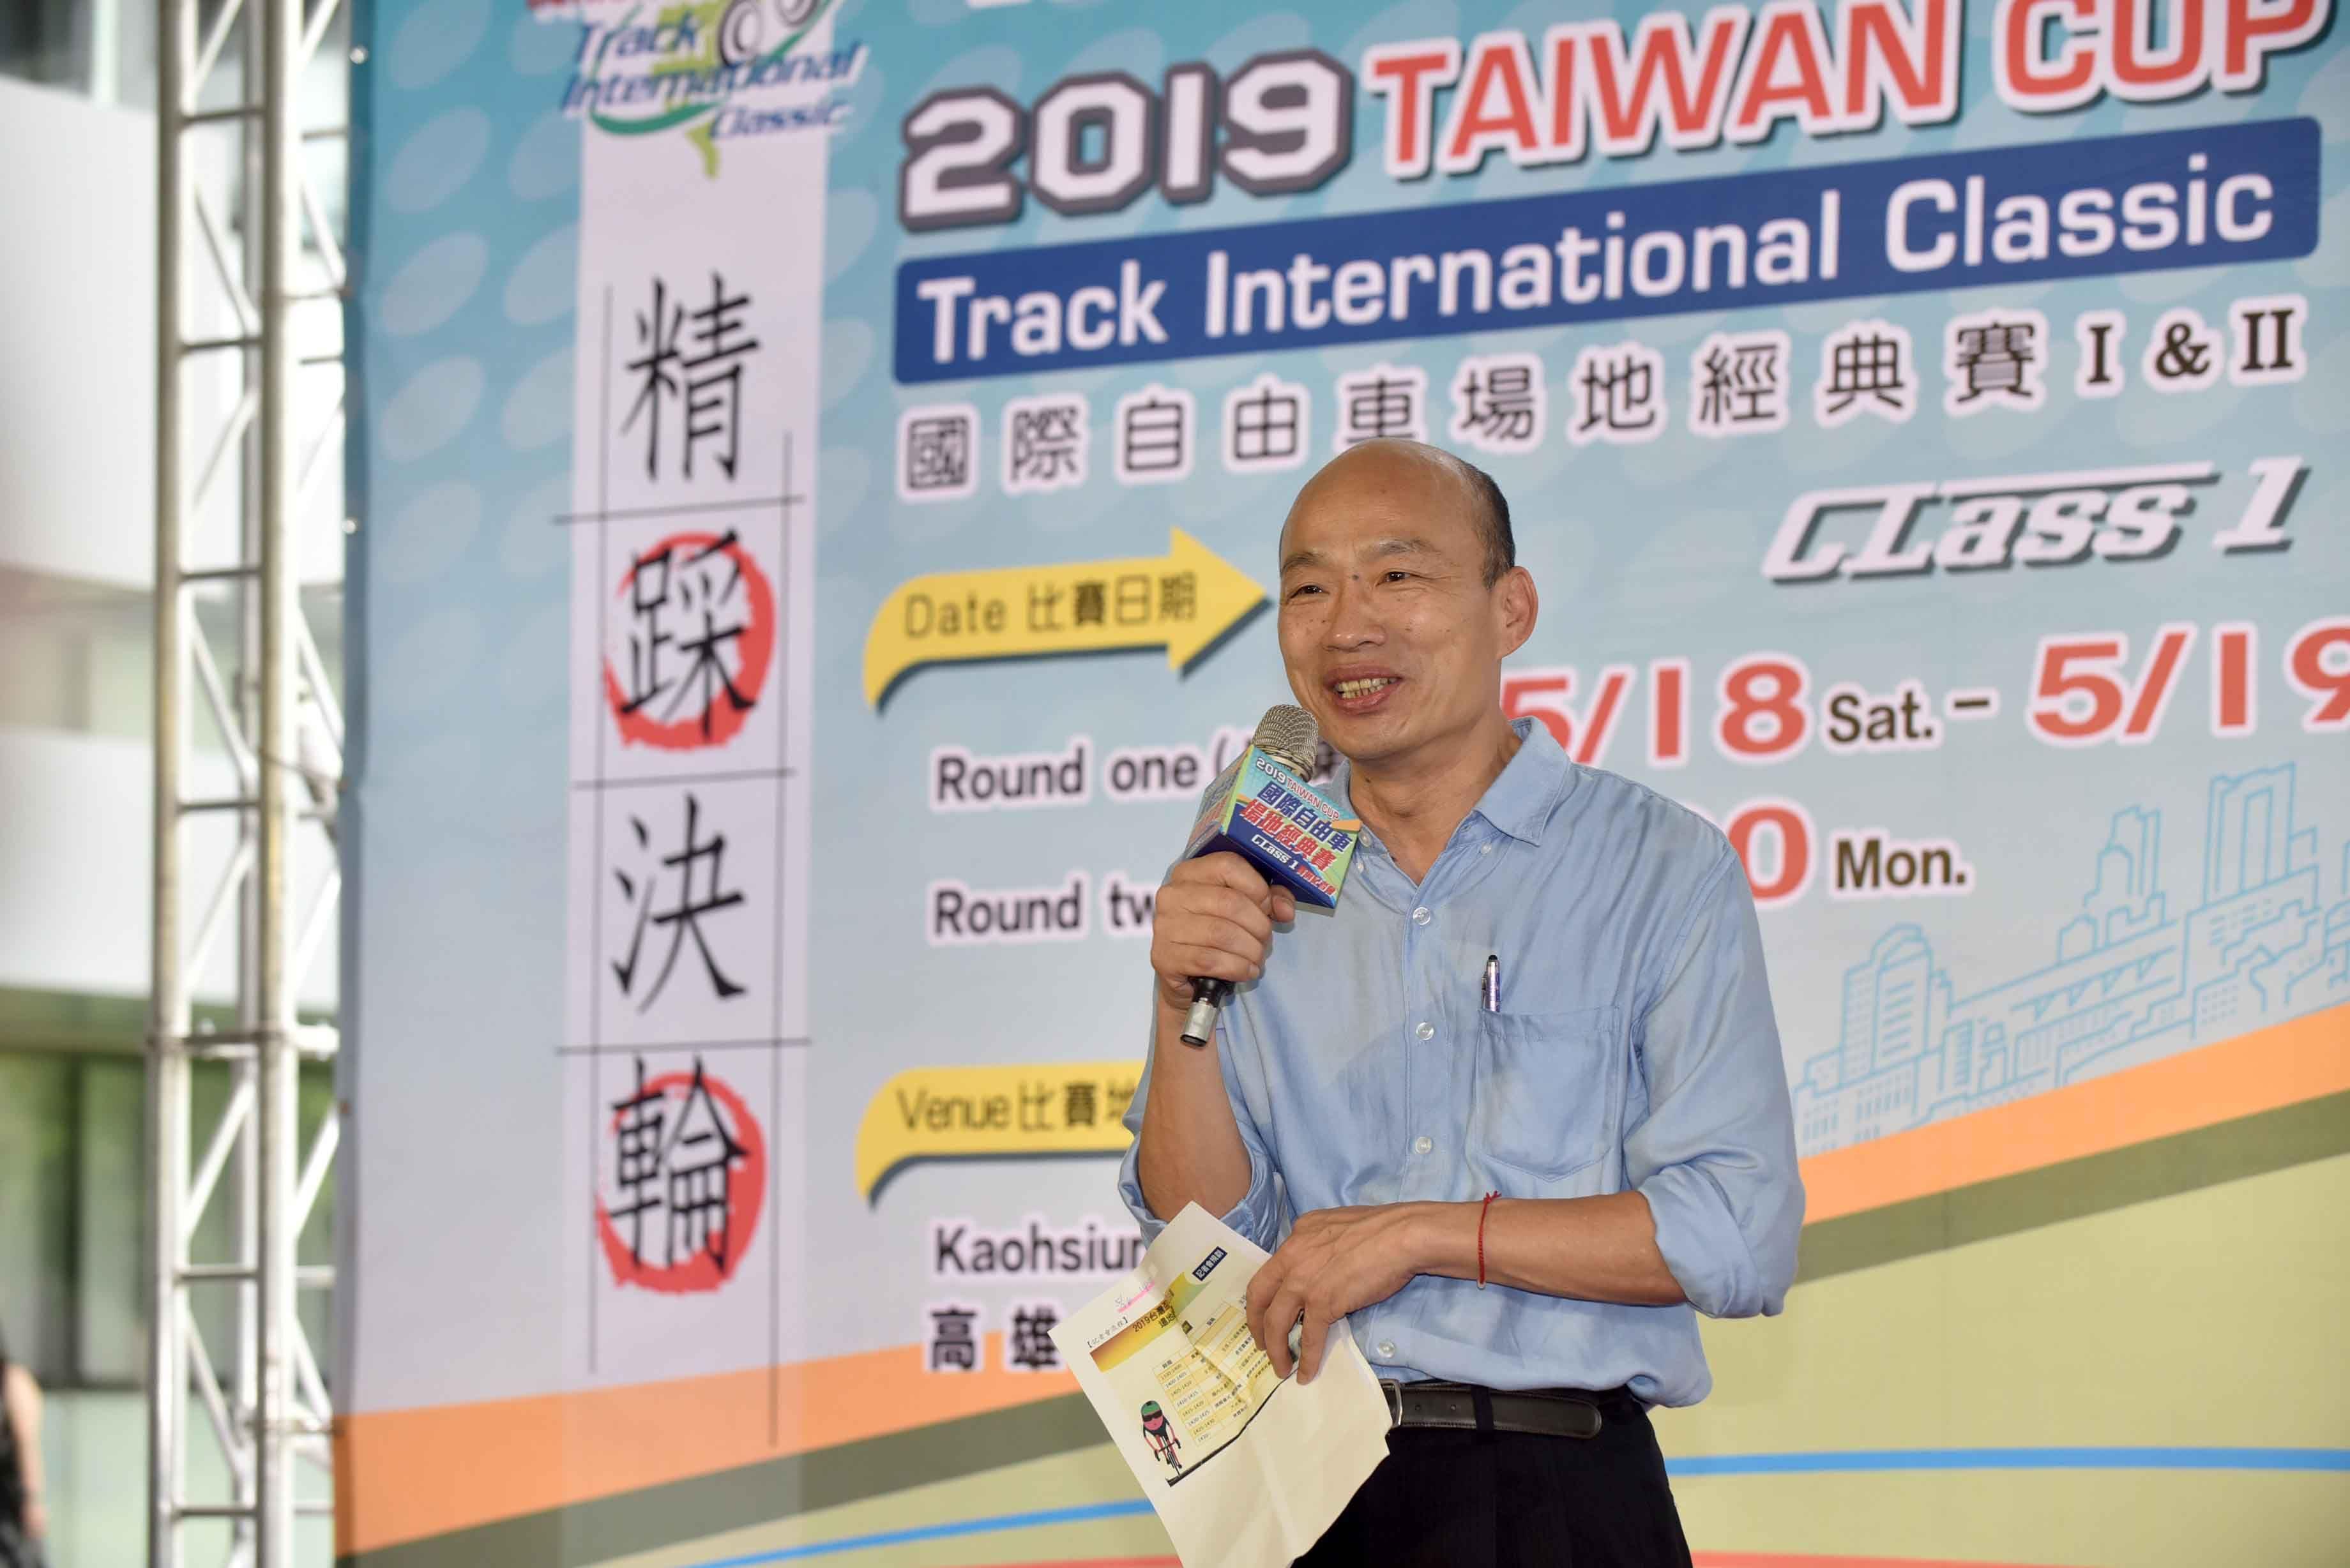 1080516臺灣盃國際自由車場地經典賽記者會_通稿02.jpg